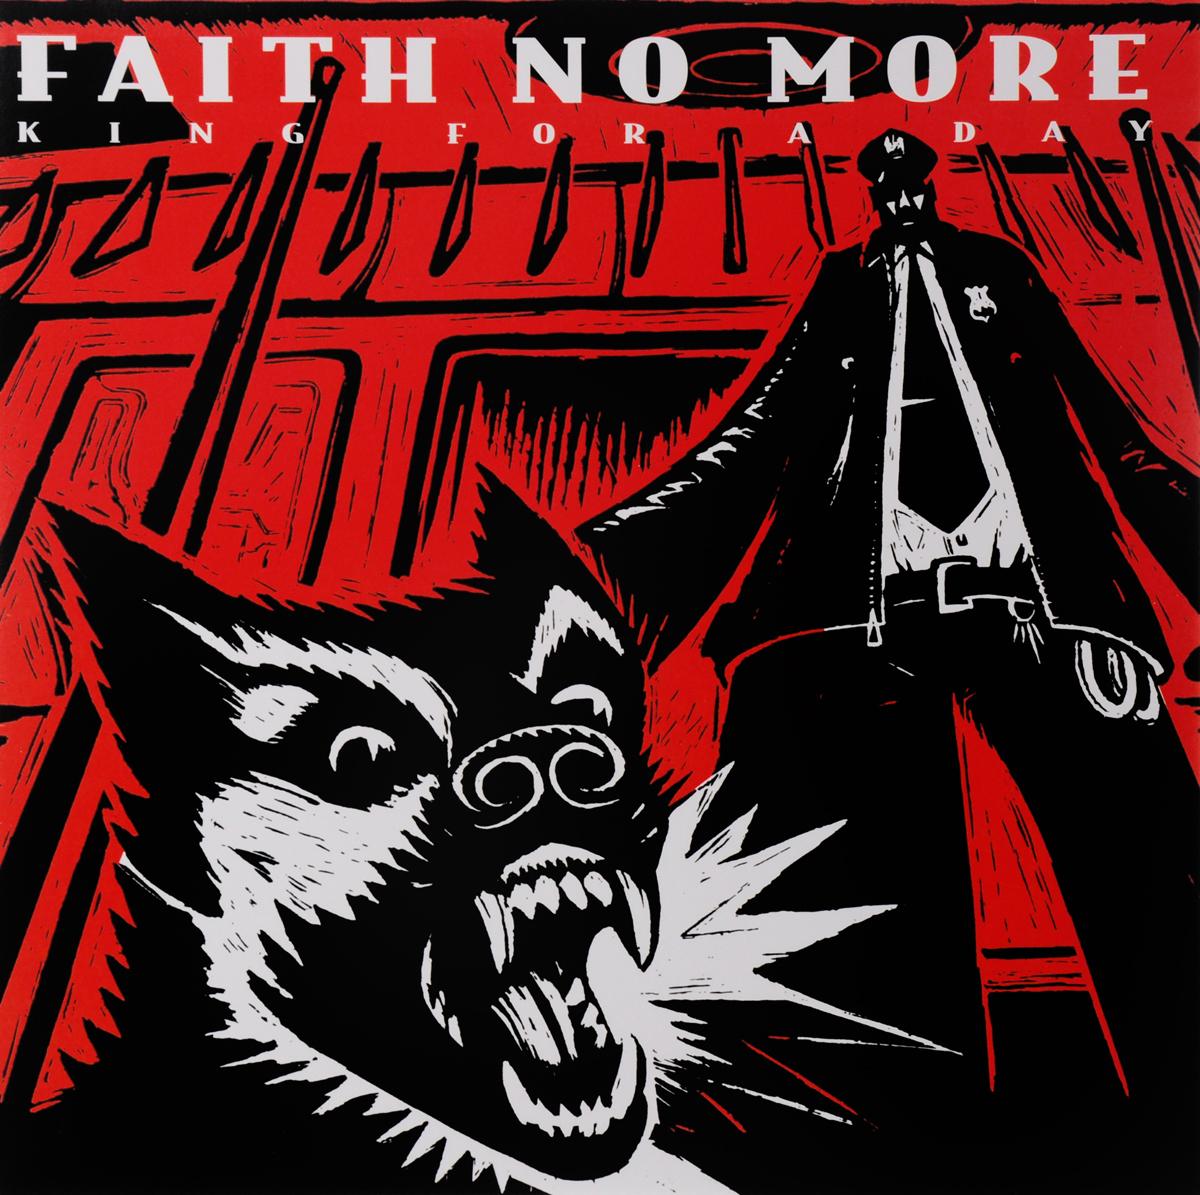 Faith No More Faith No More. King For A Day. Fool For A Lifetime (2 LP) faith no more faith no more king for a day fool for a lifetime